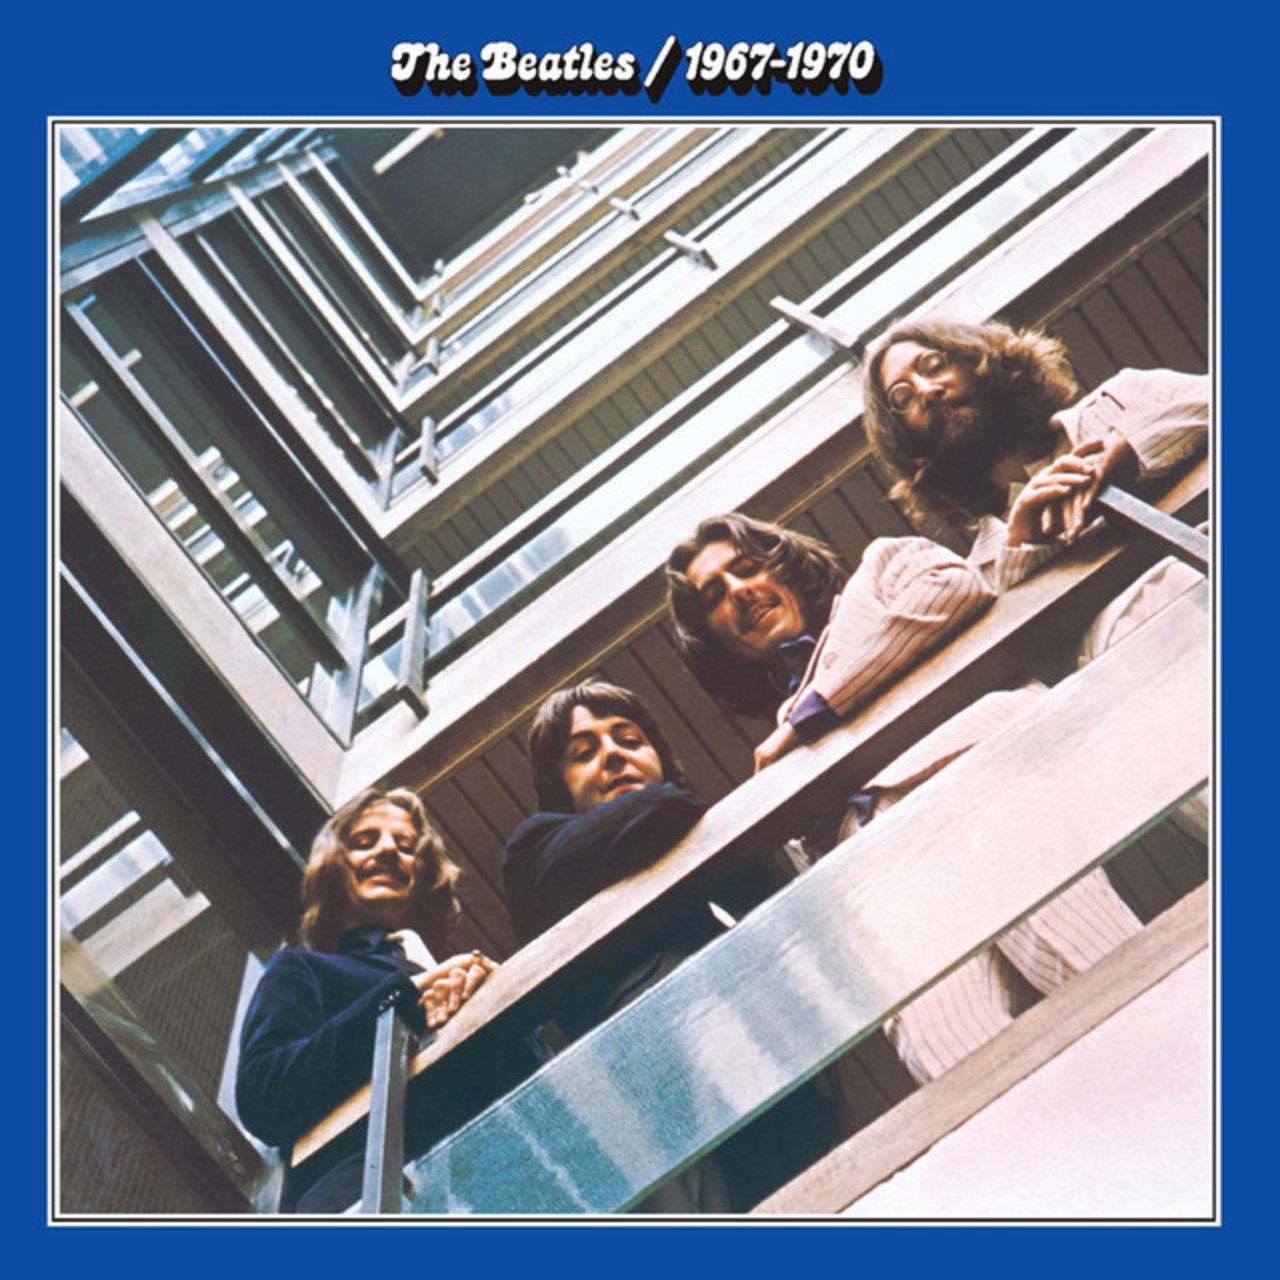 Картинки по запросу beatles 1967 1970